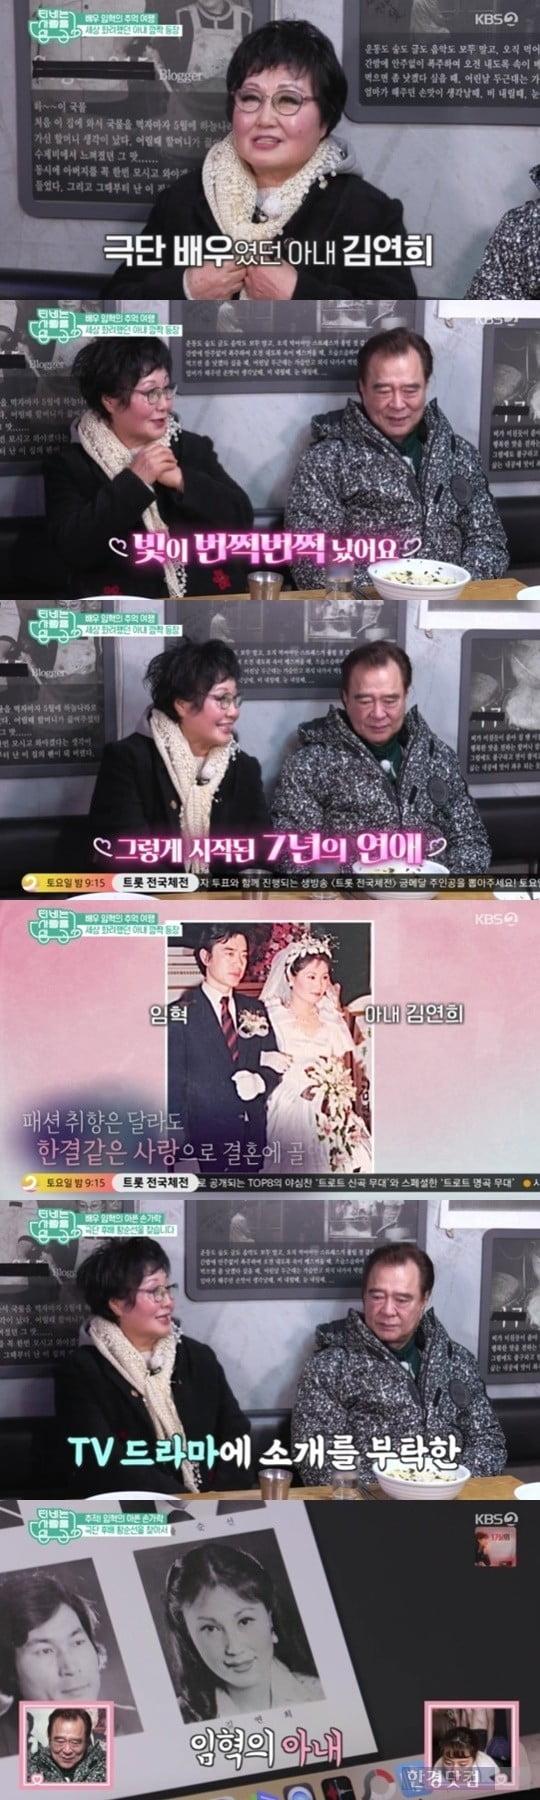 임혁/사진=KBS 2TV 'TV는 사랑을 싣고'